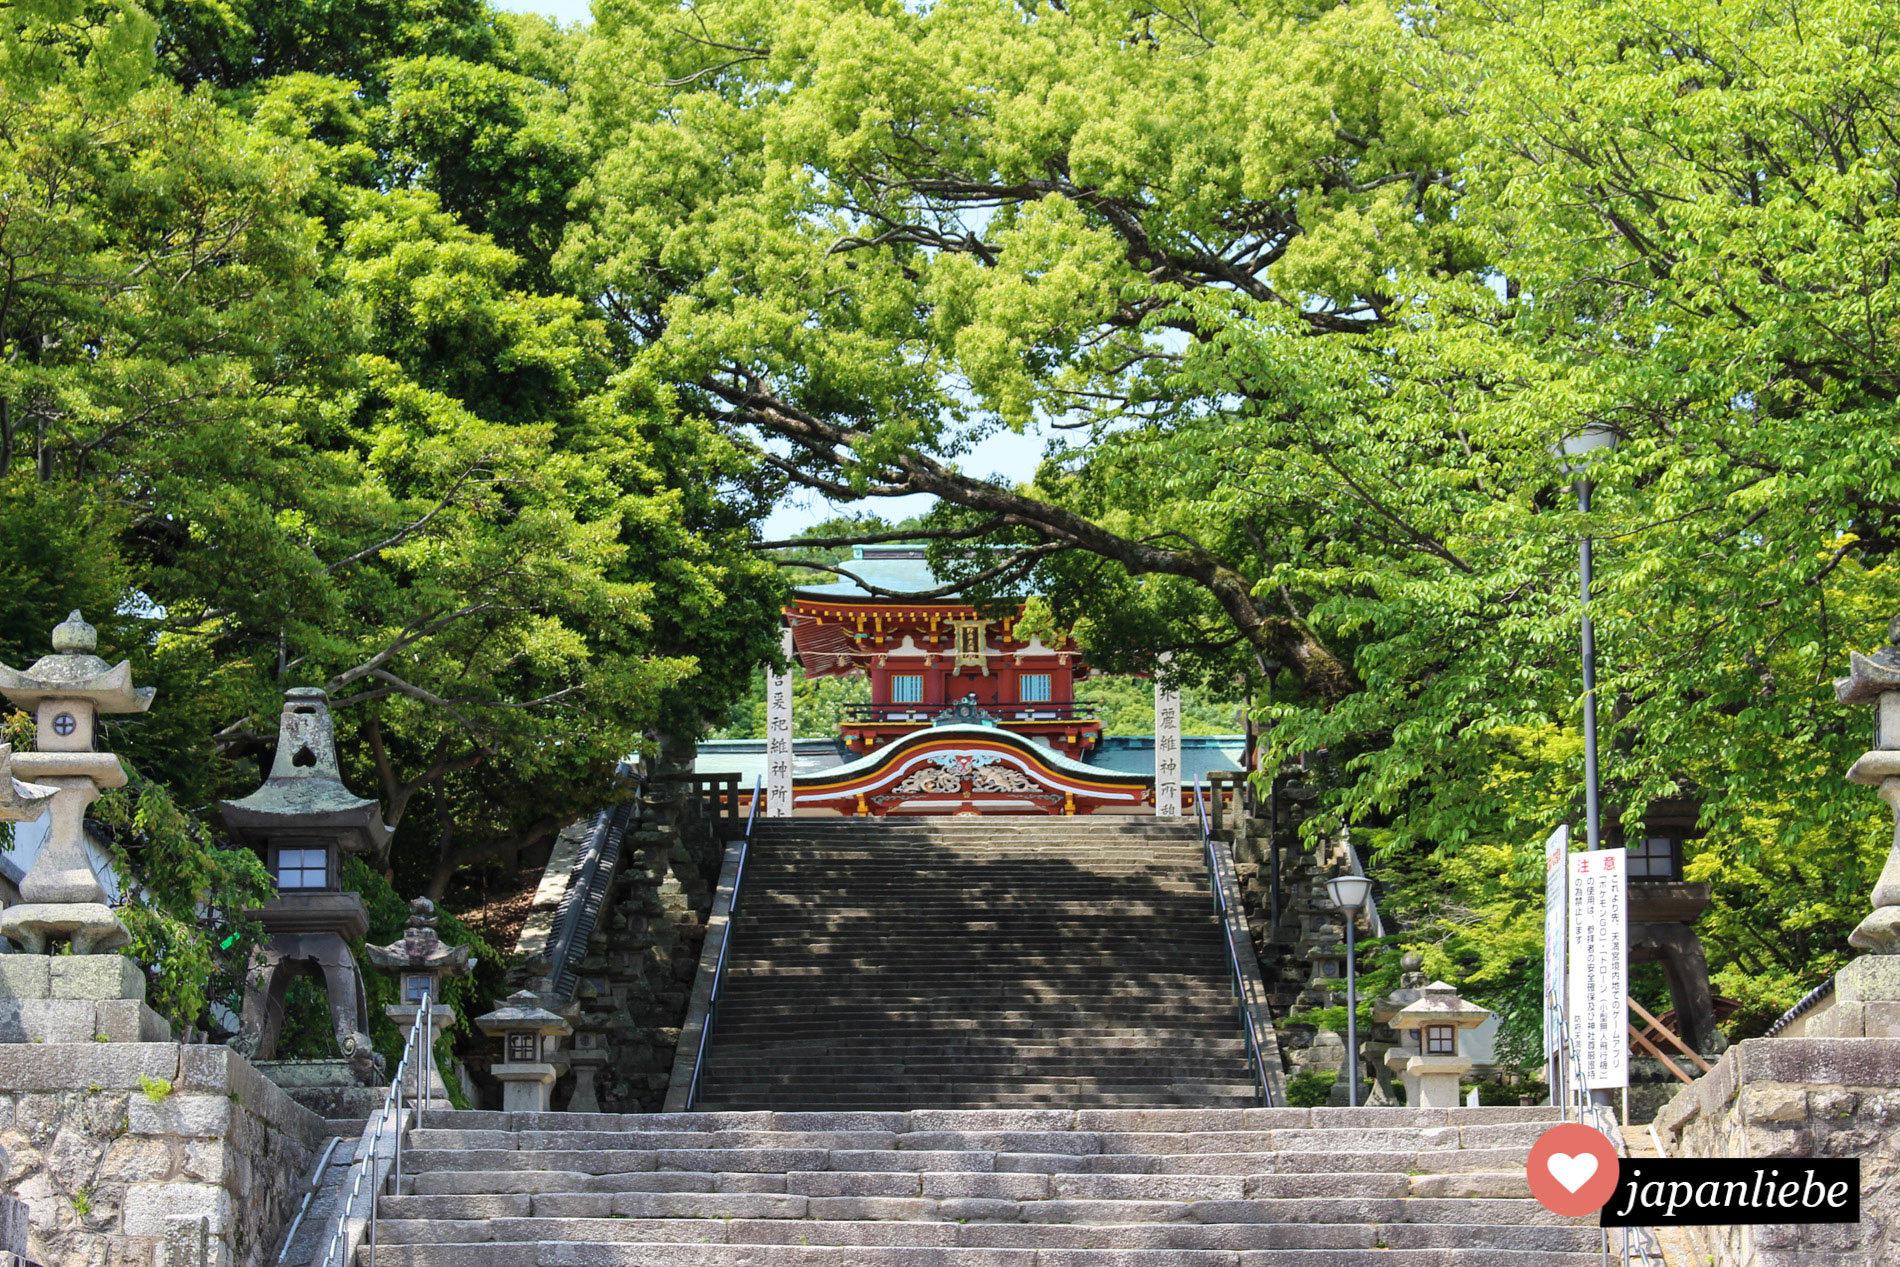 Zu Festlichkeiten werden die Stufen zum Tenman-gu Schrein mit Blumen geschmückt.